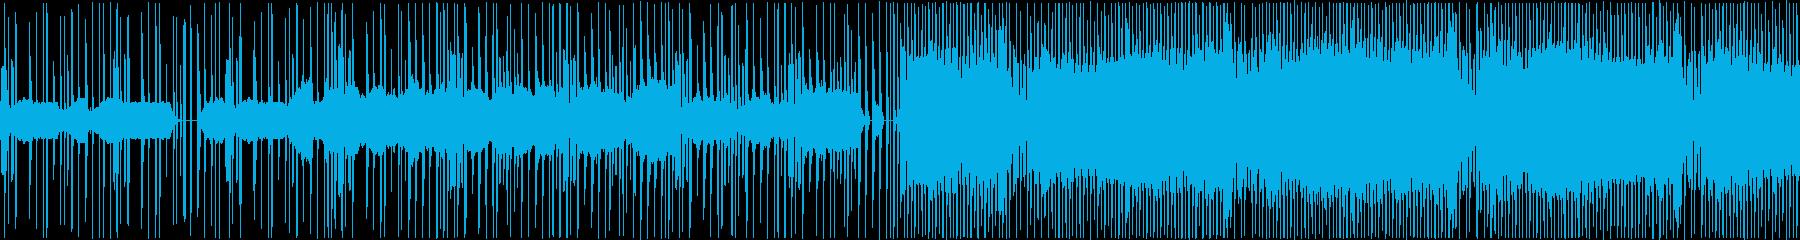 ストリングスとリズムのみの穏やかな曲で…の再生済みの波形